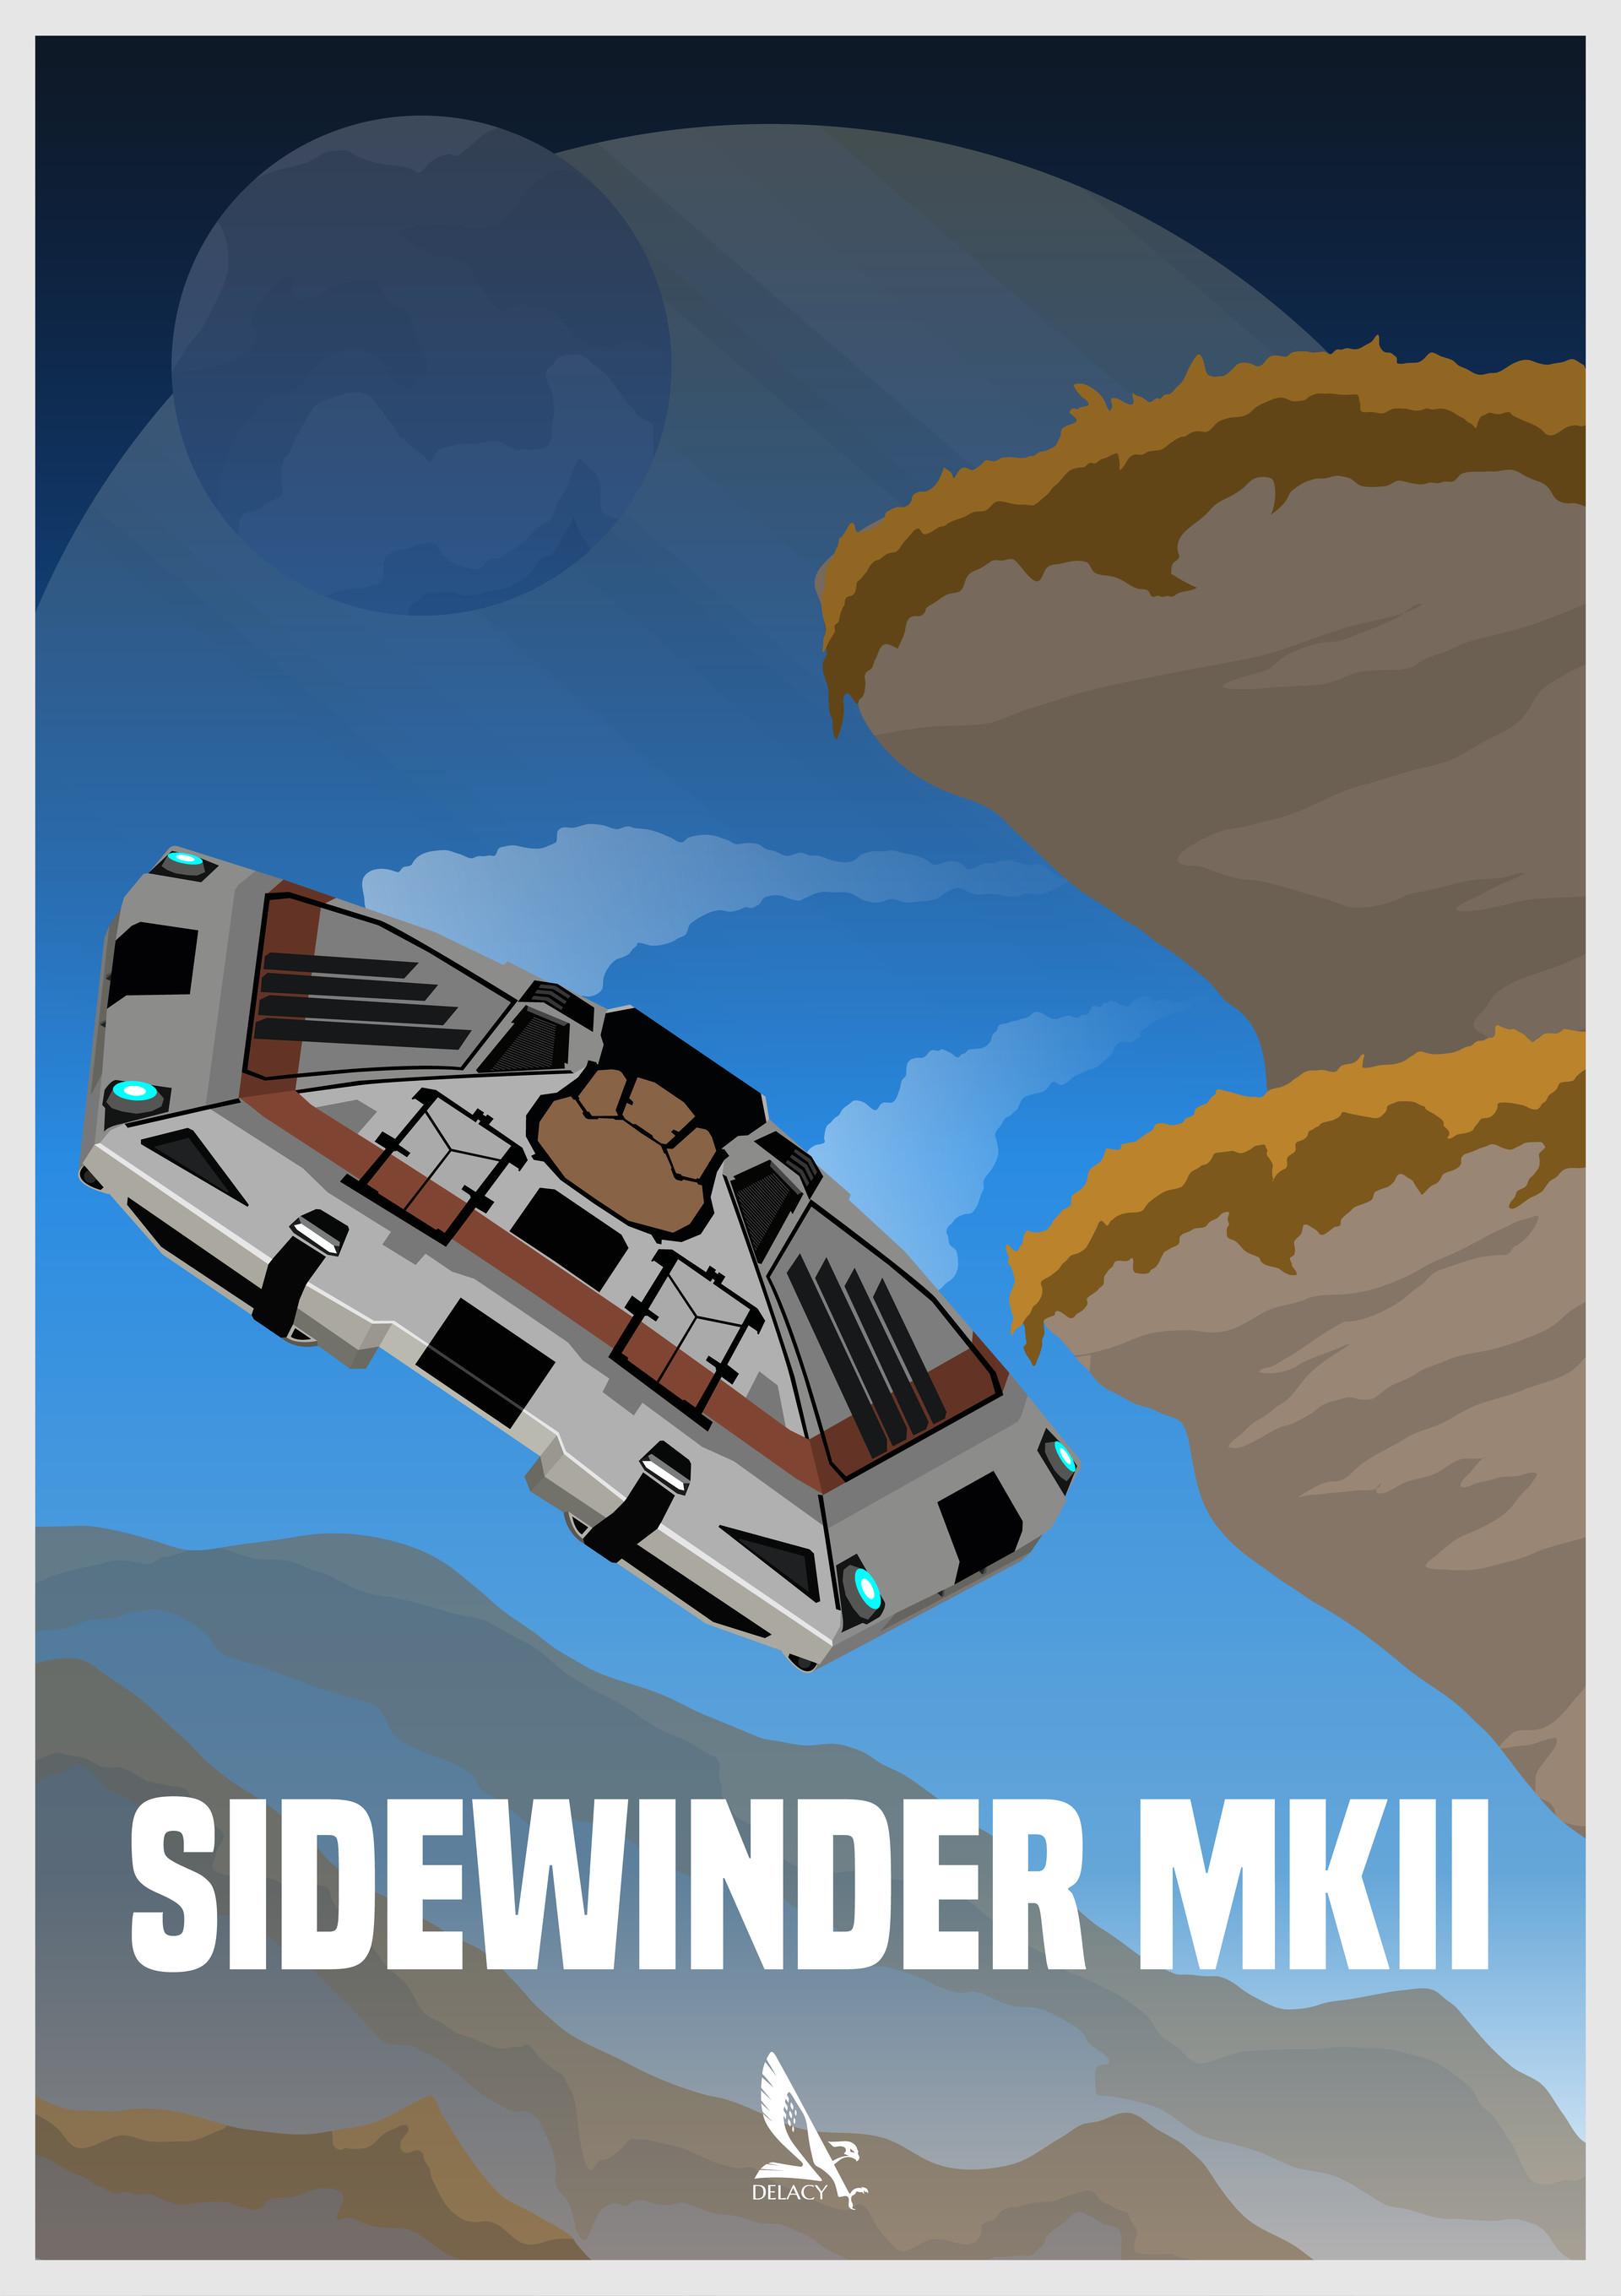 Mathew maddison sidewinder mkii 01